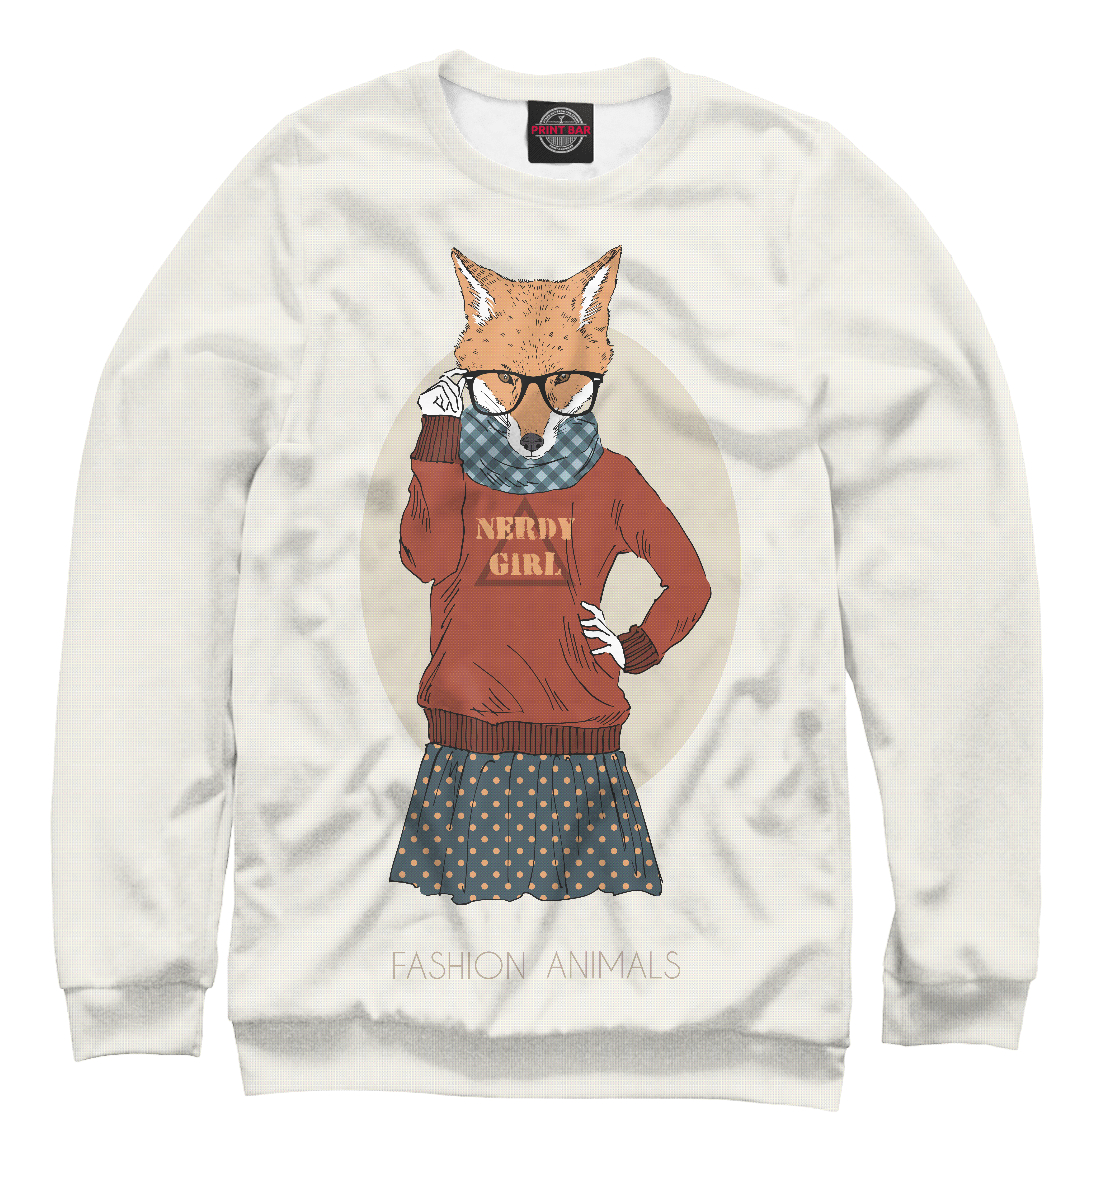 Купить Рыжая модница, Printbar, Свитшоты, FOX-279125-swi-2